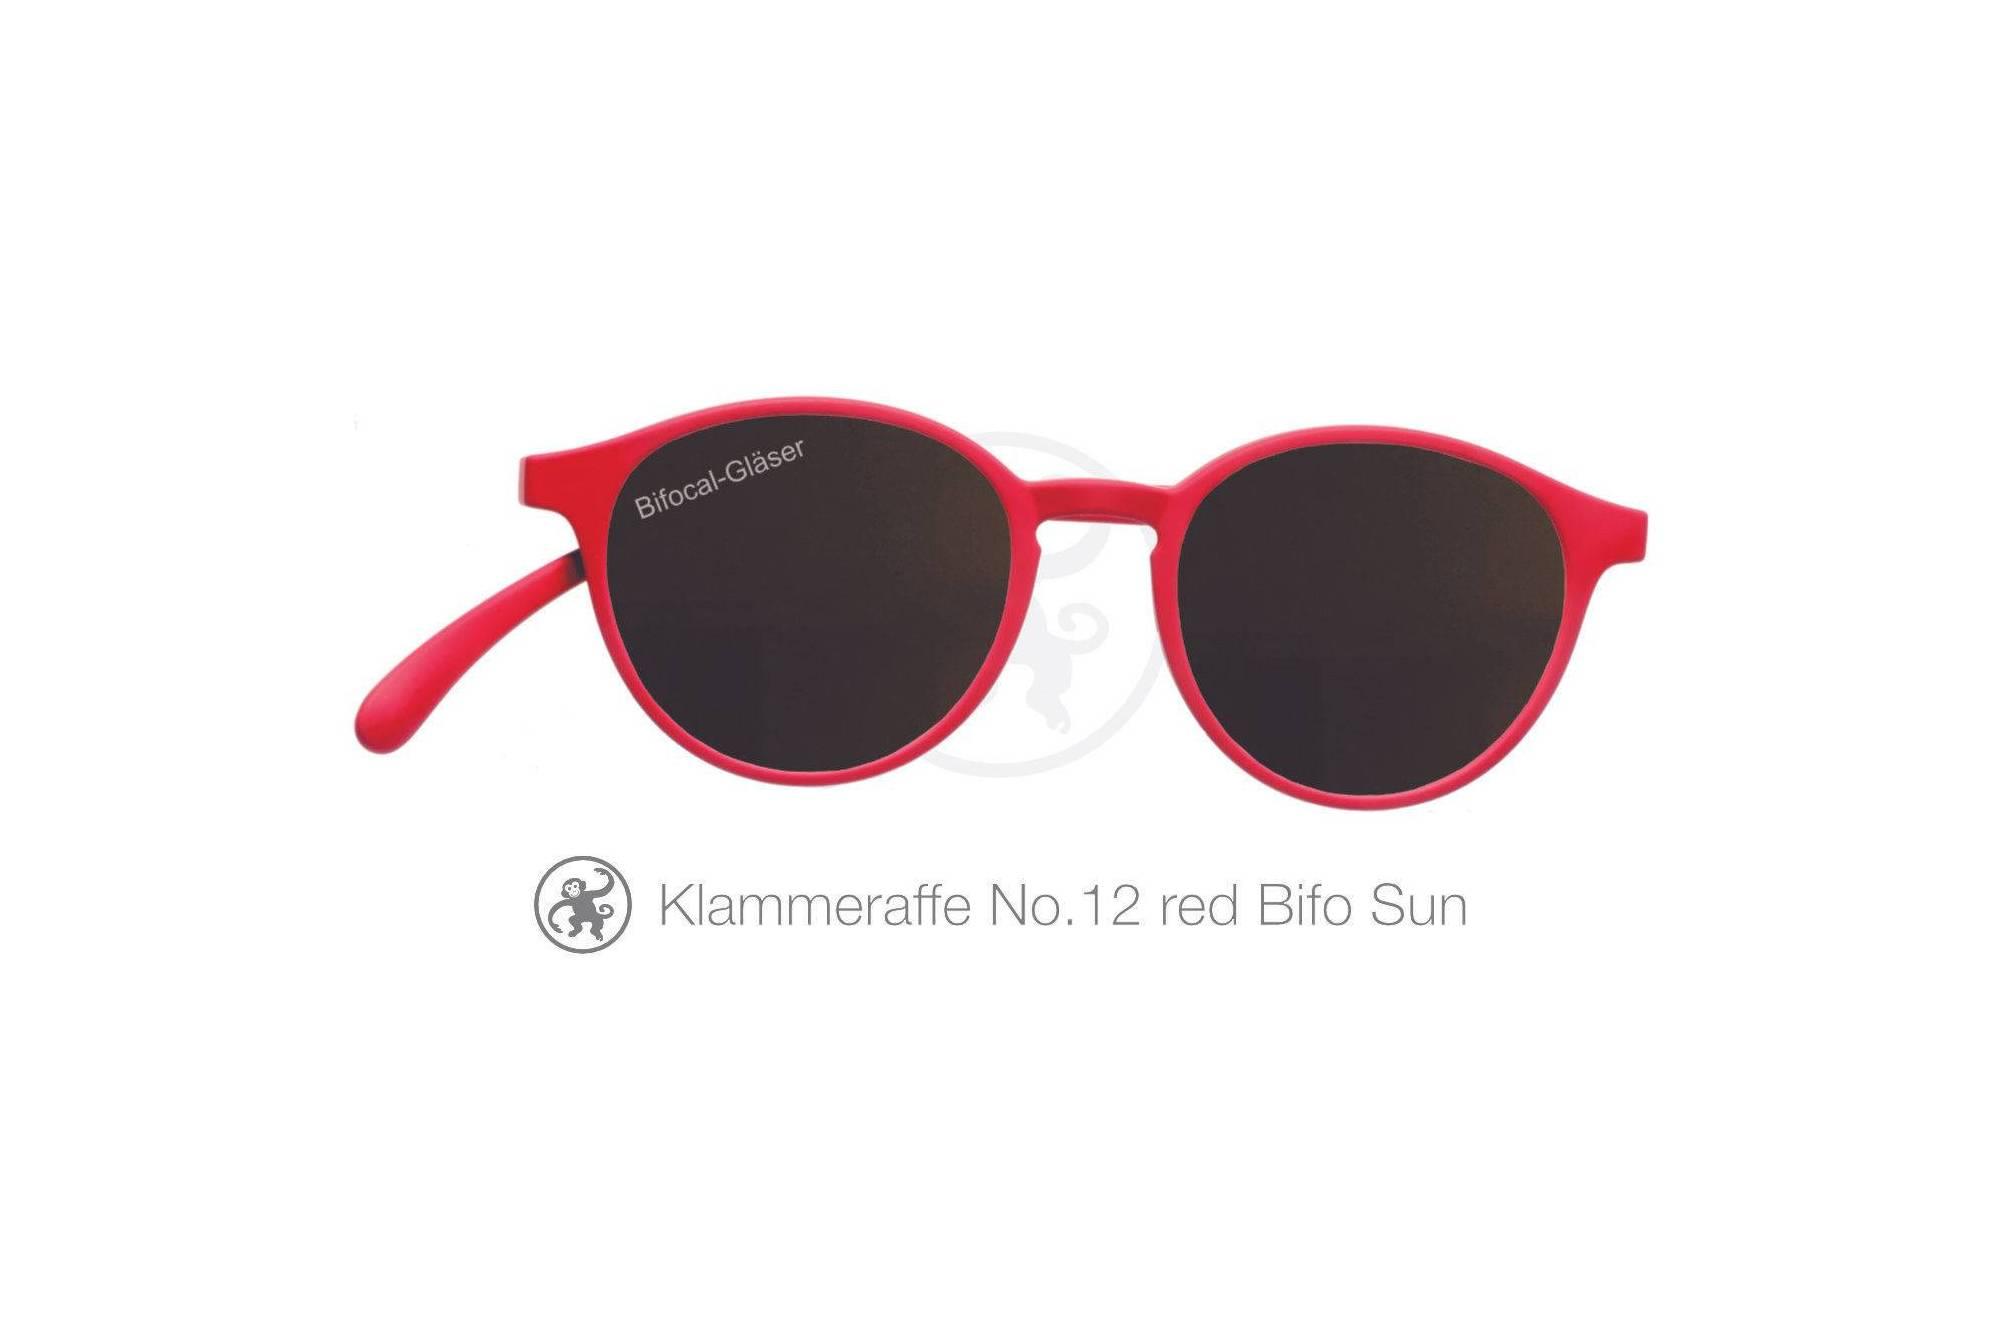 Klammeraffe Modell 12 bifokal, Farbe red